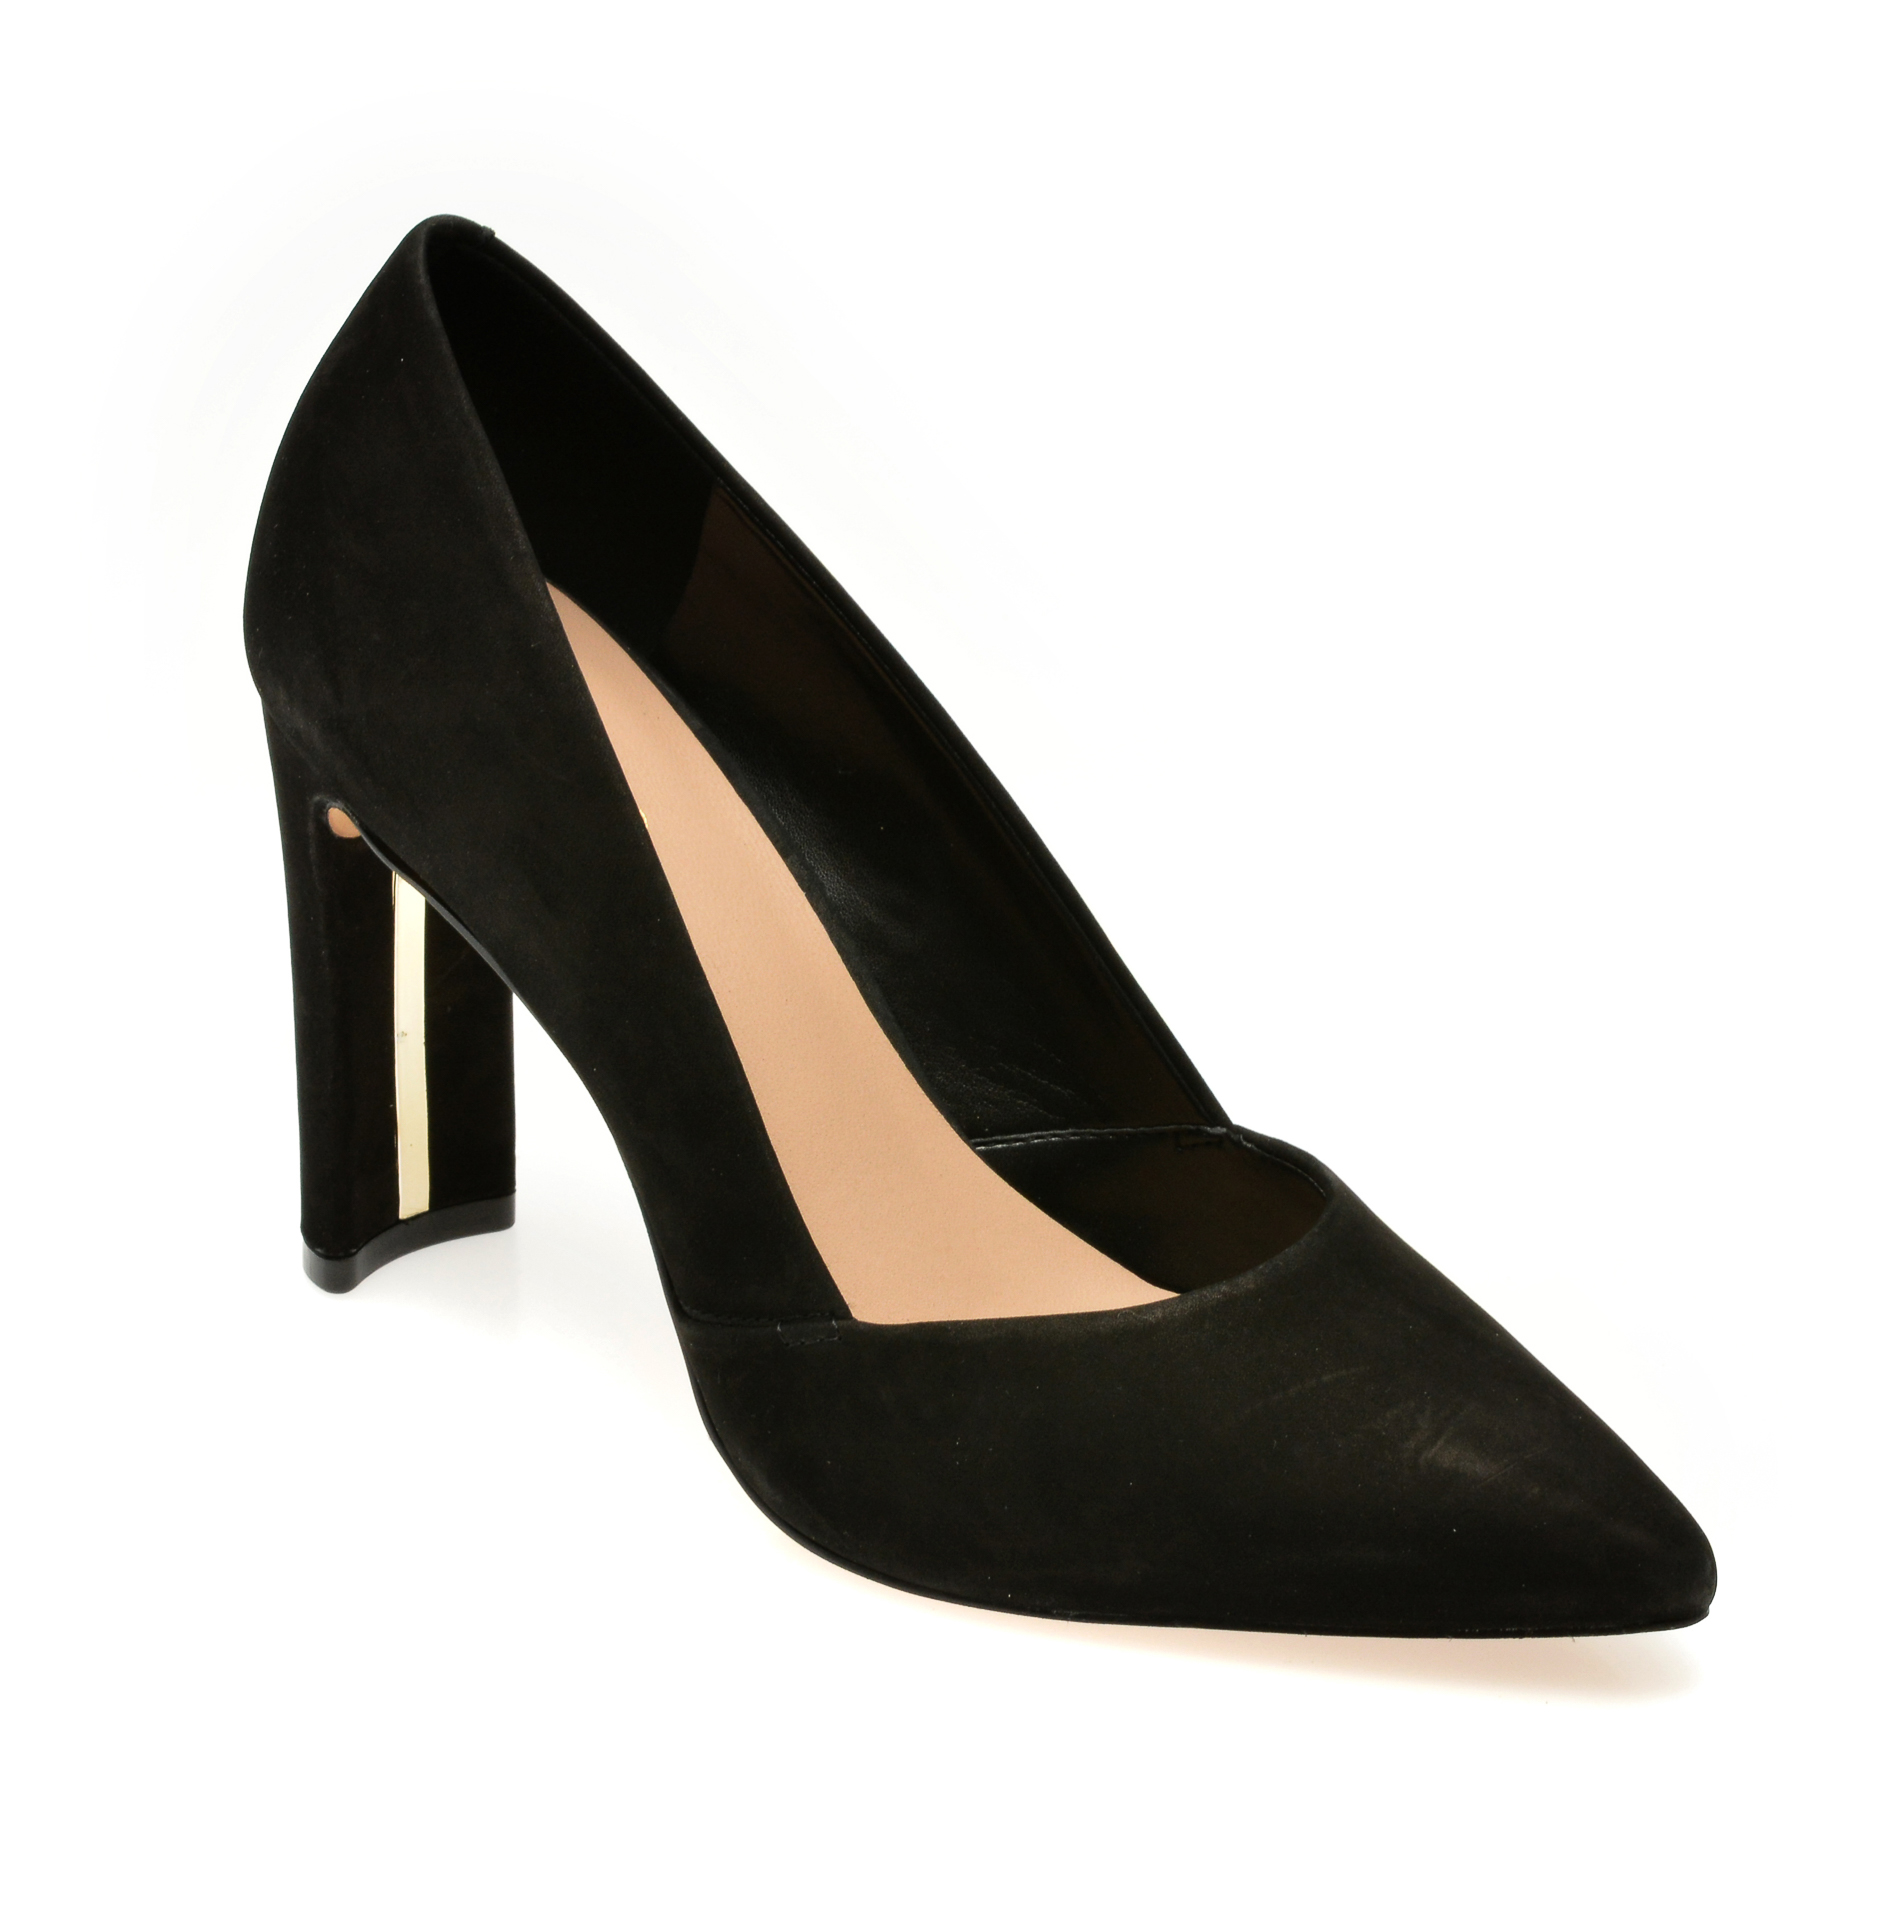 Pantofi ALDO negri, Adworen001, din nabuc imagine otter.ro